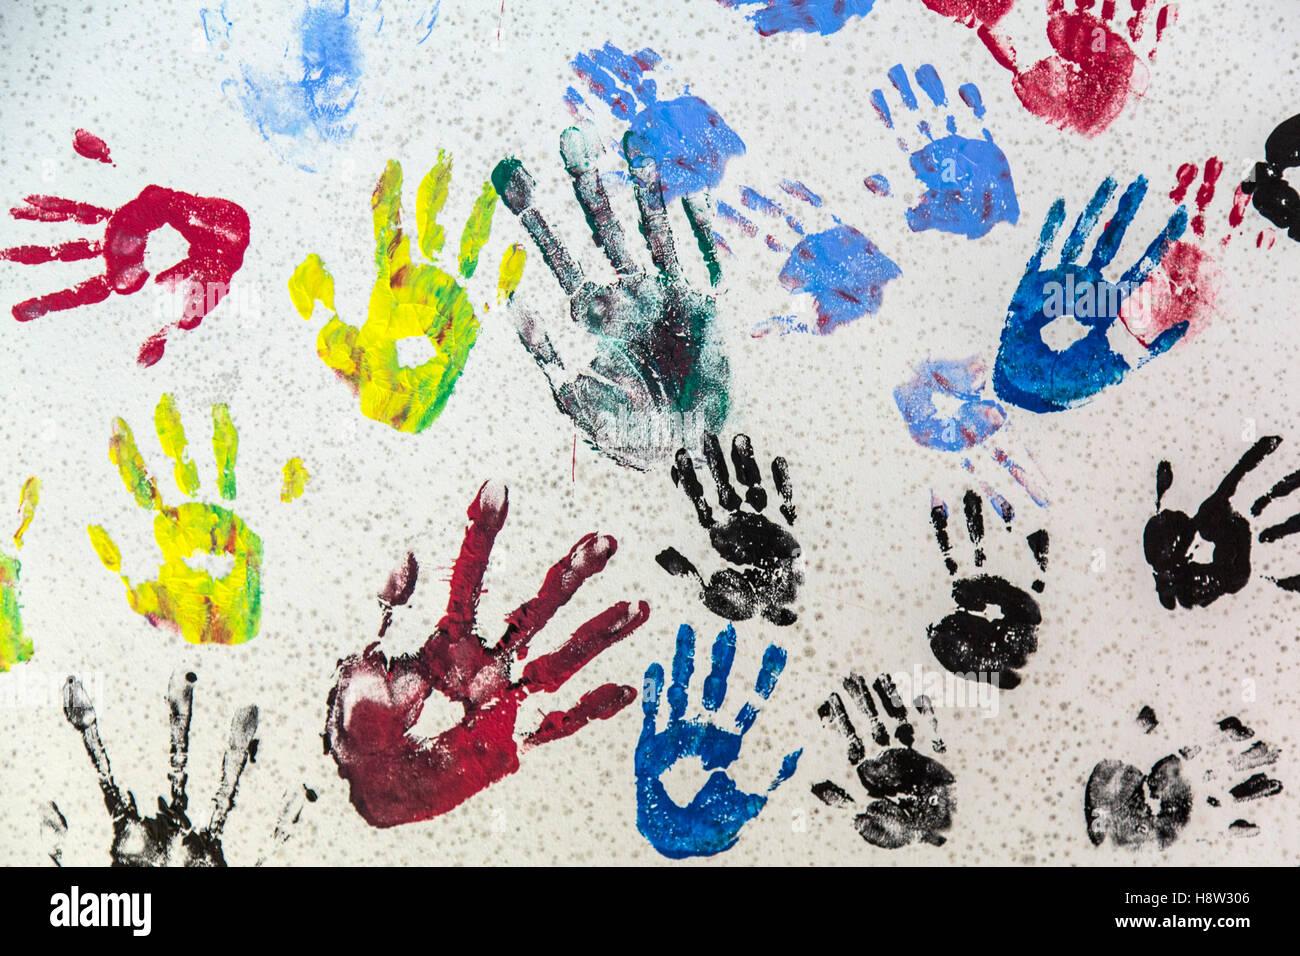 Viele Verschiedene Hand Druckt Auf Einer Wand Farben Klein Groß